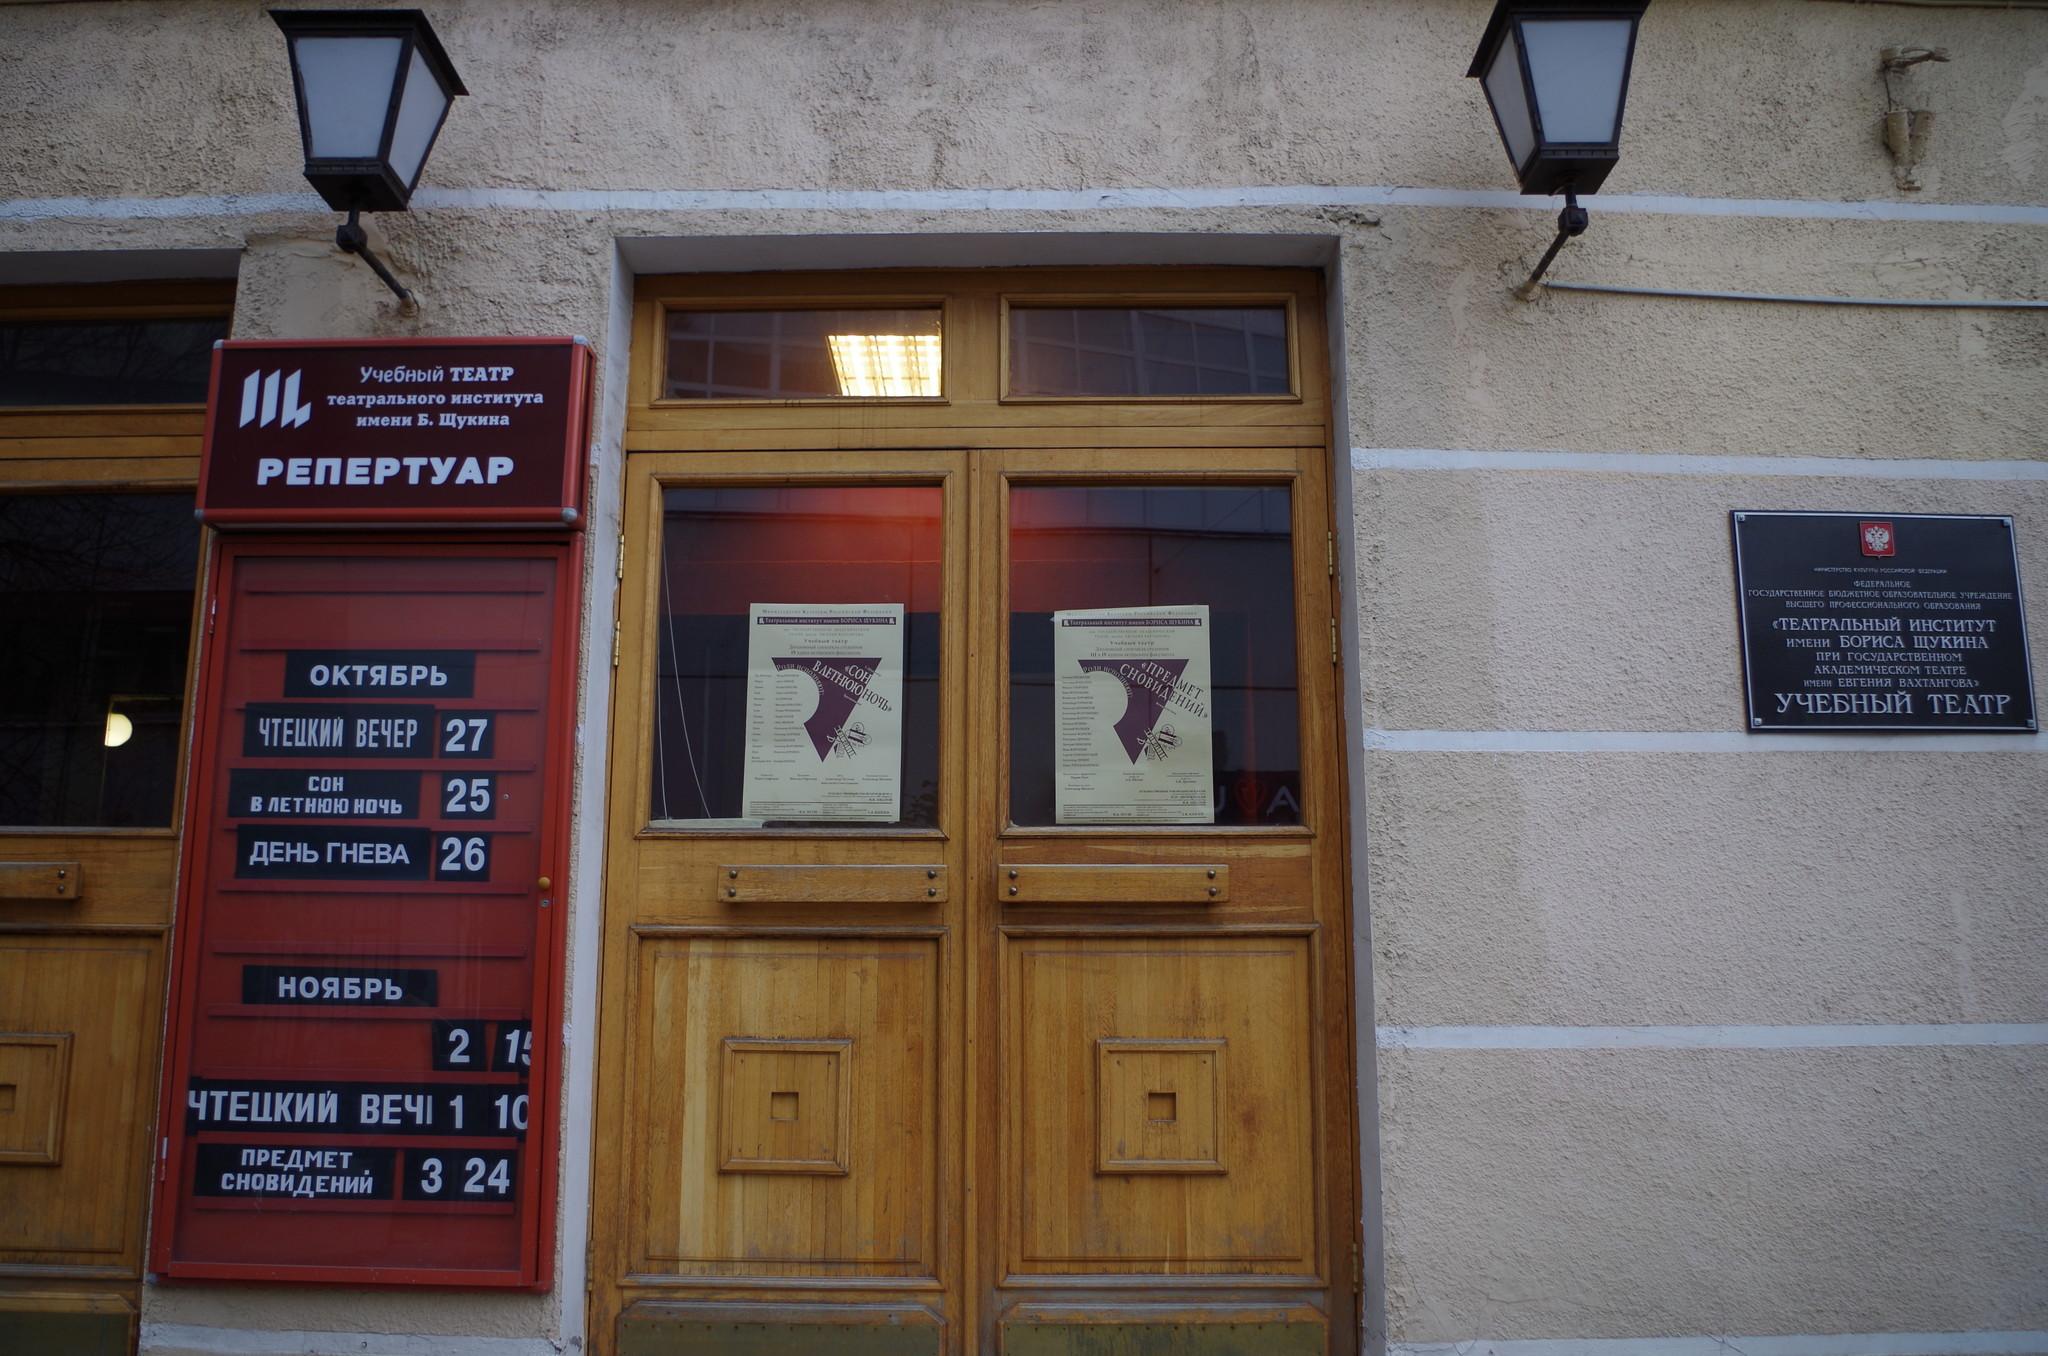 Имя Бориса Захавы было неразрывно связано с Театром имени Е.Б. Вахтангова и театральным училищем при нём